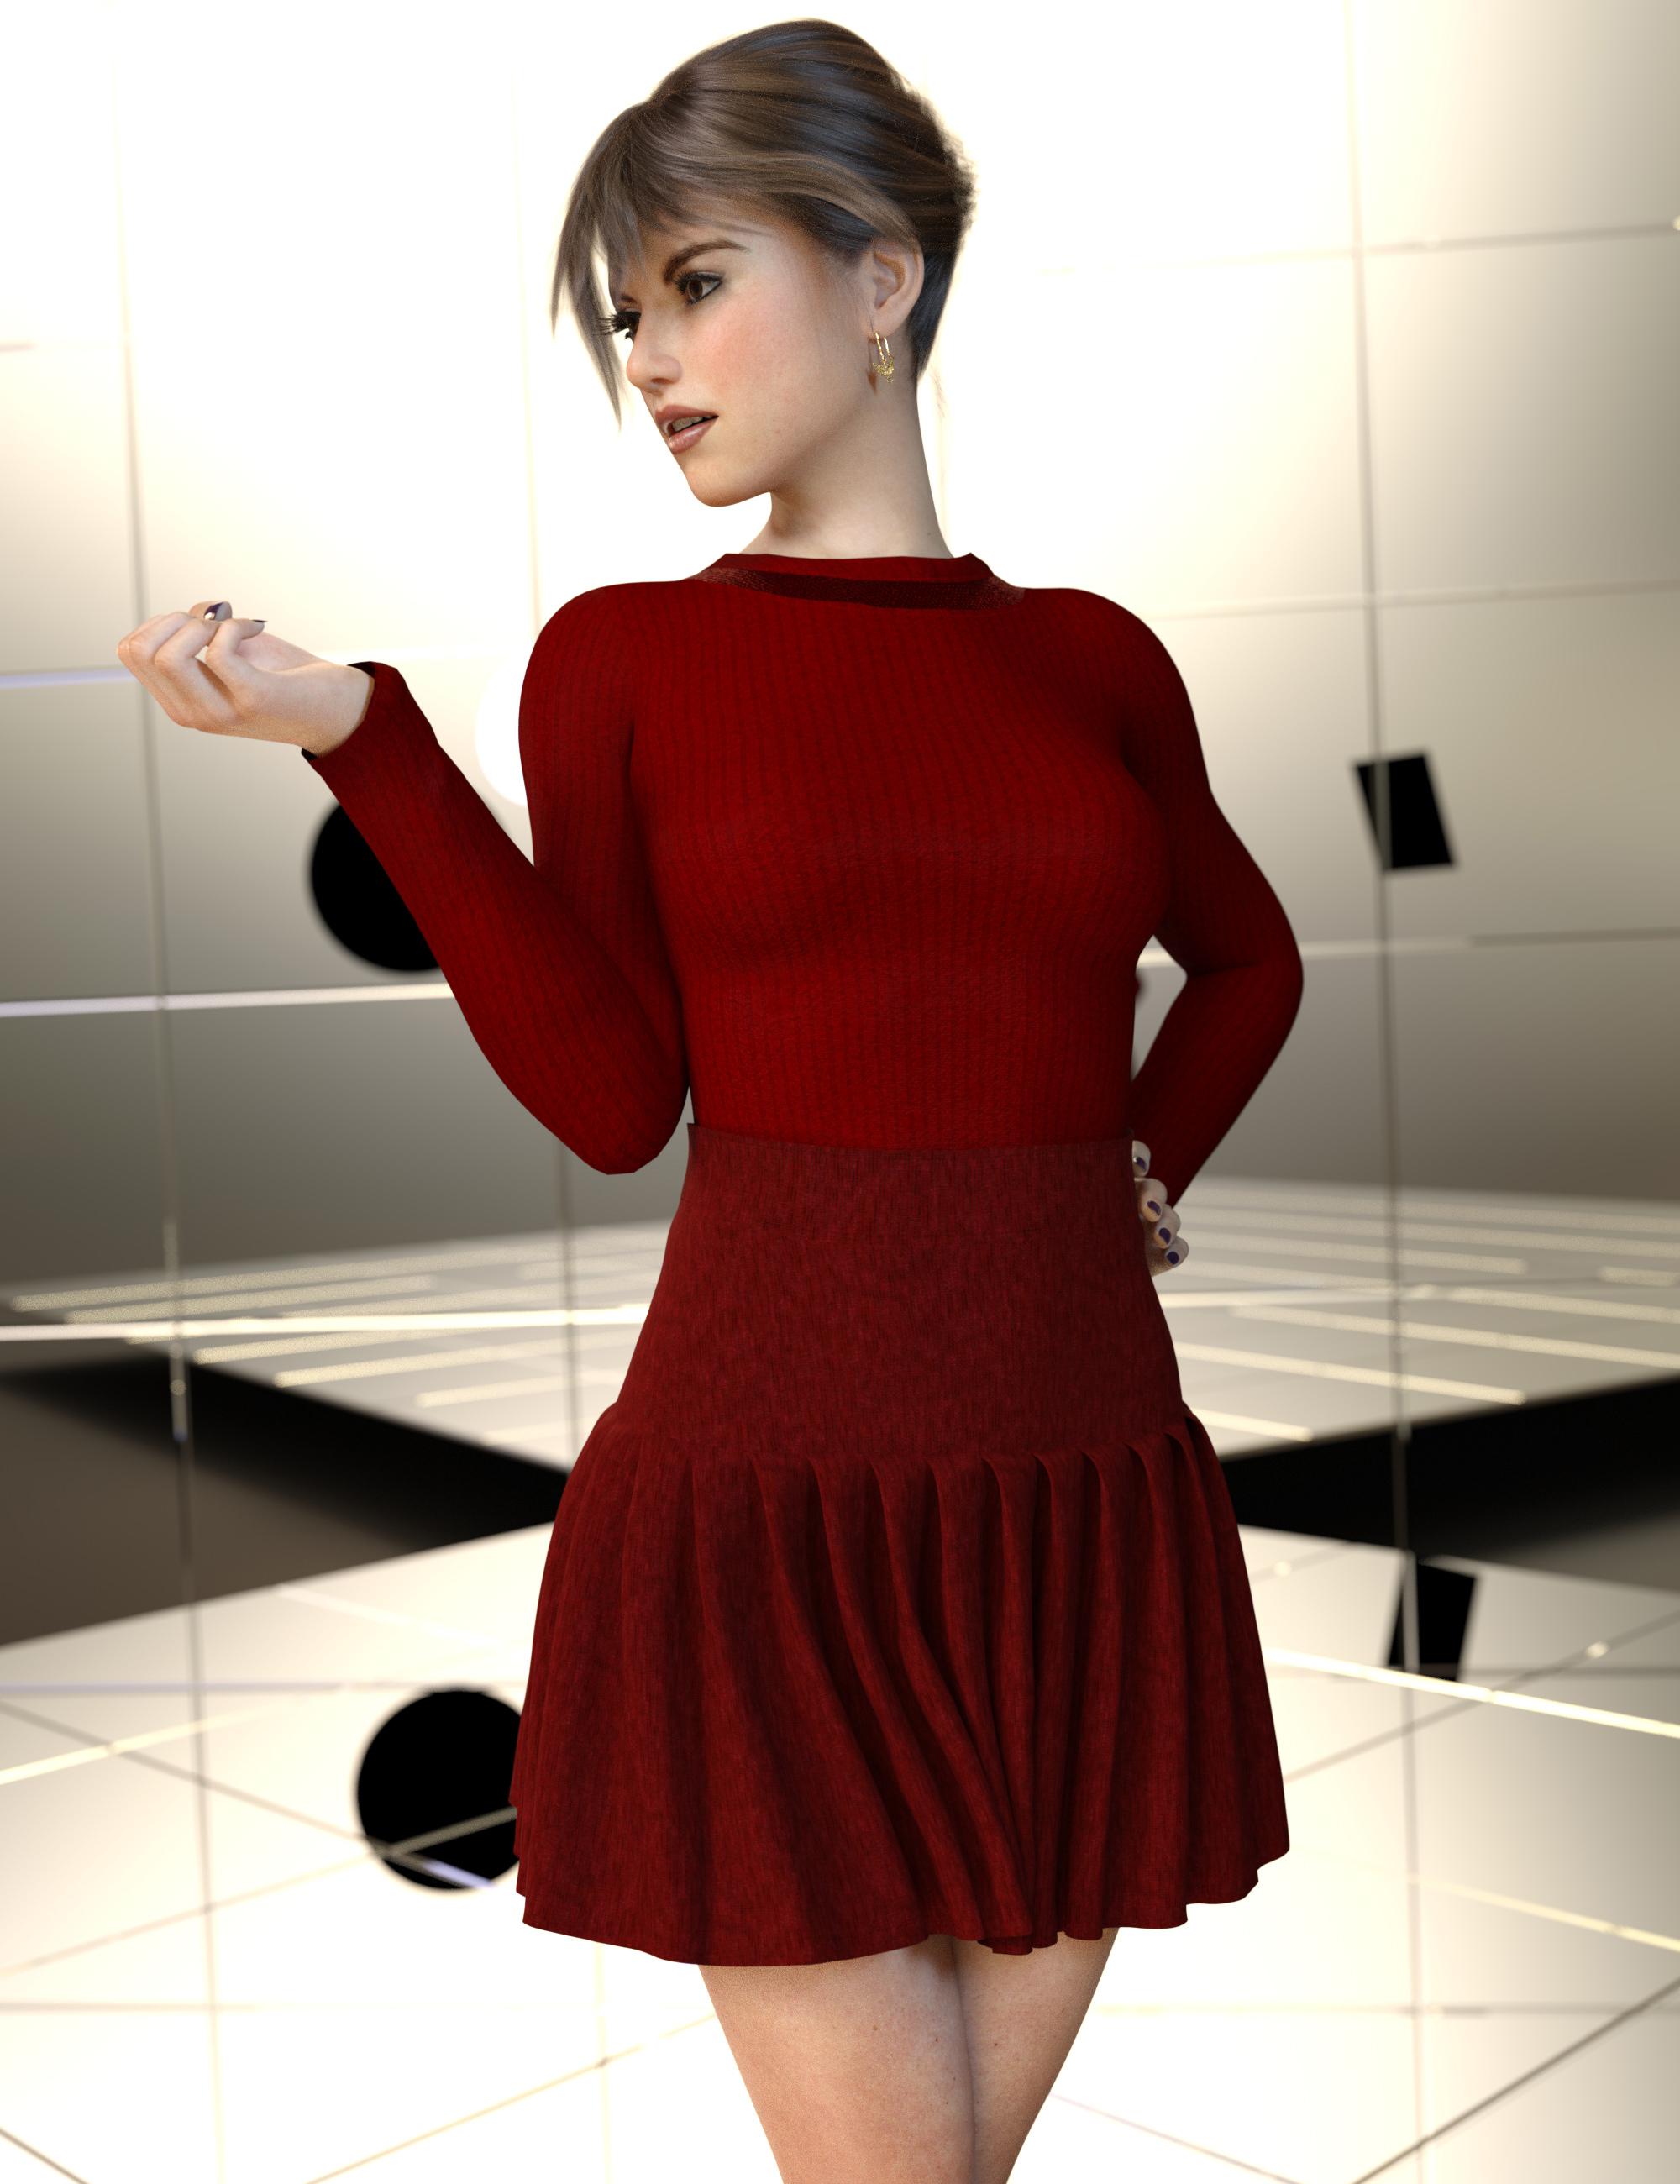 dForce Coco Outfit Texture Expansion by: Nelmi, 3D Models by Daz 3D